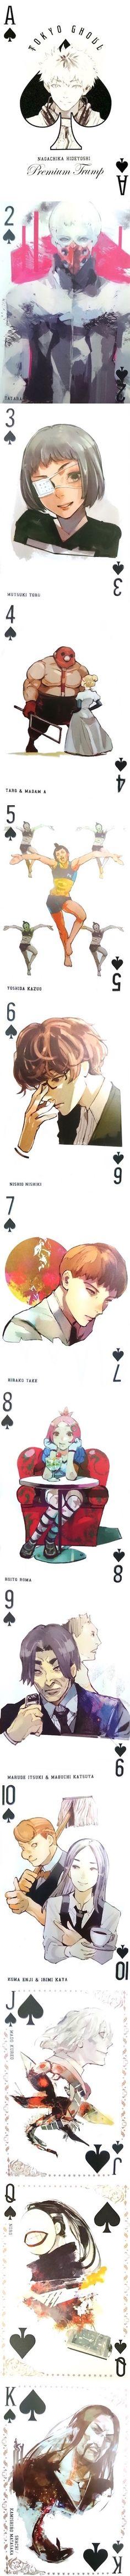 Tokyo Ghoul || Ishida Sui || Trump Cards || Spades Suit